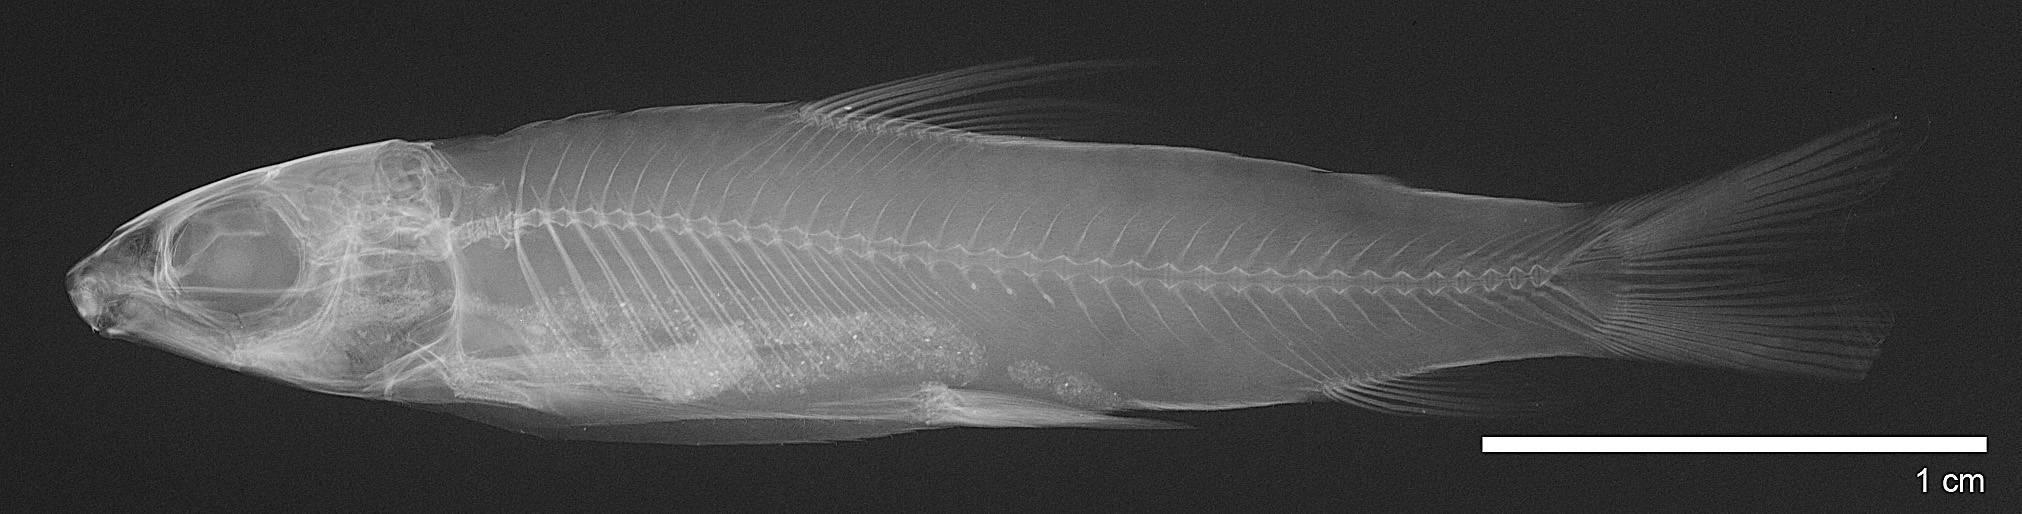 Image of <i>Saccodon wagneri</i> Kner 1863